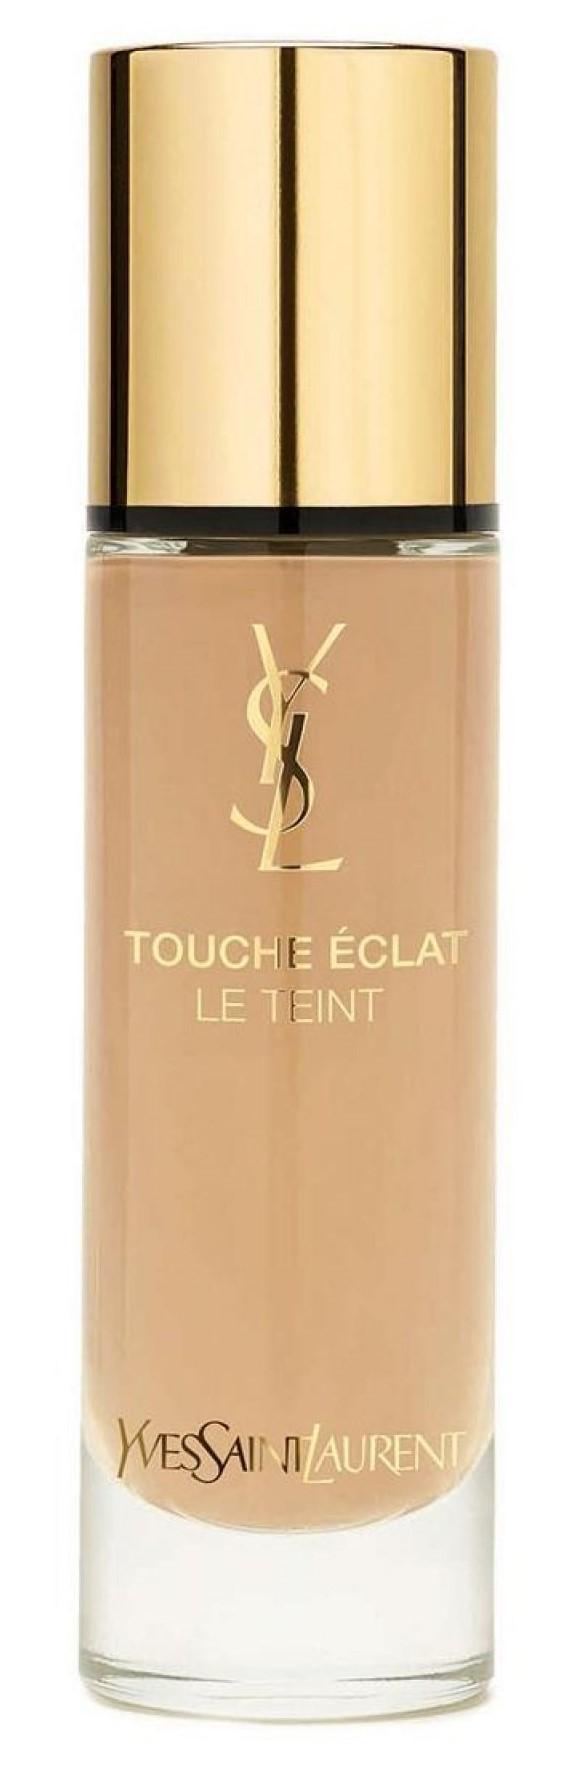 Yves Saint Laurent Touche Éclat Le Teint